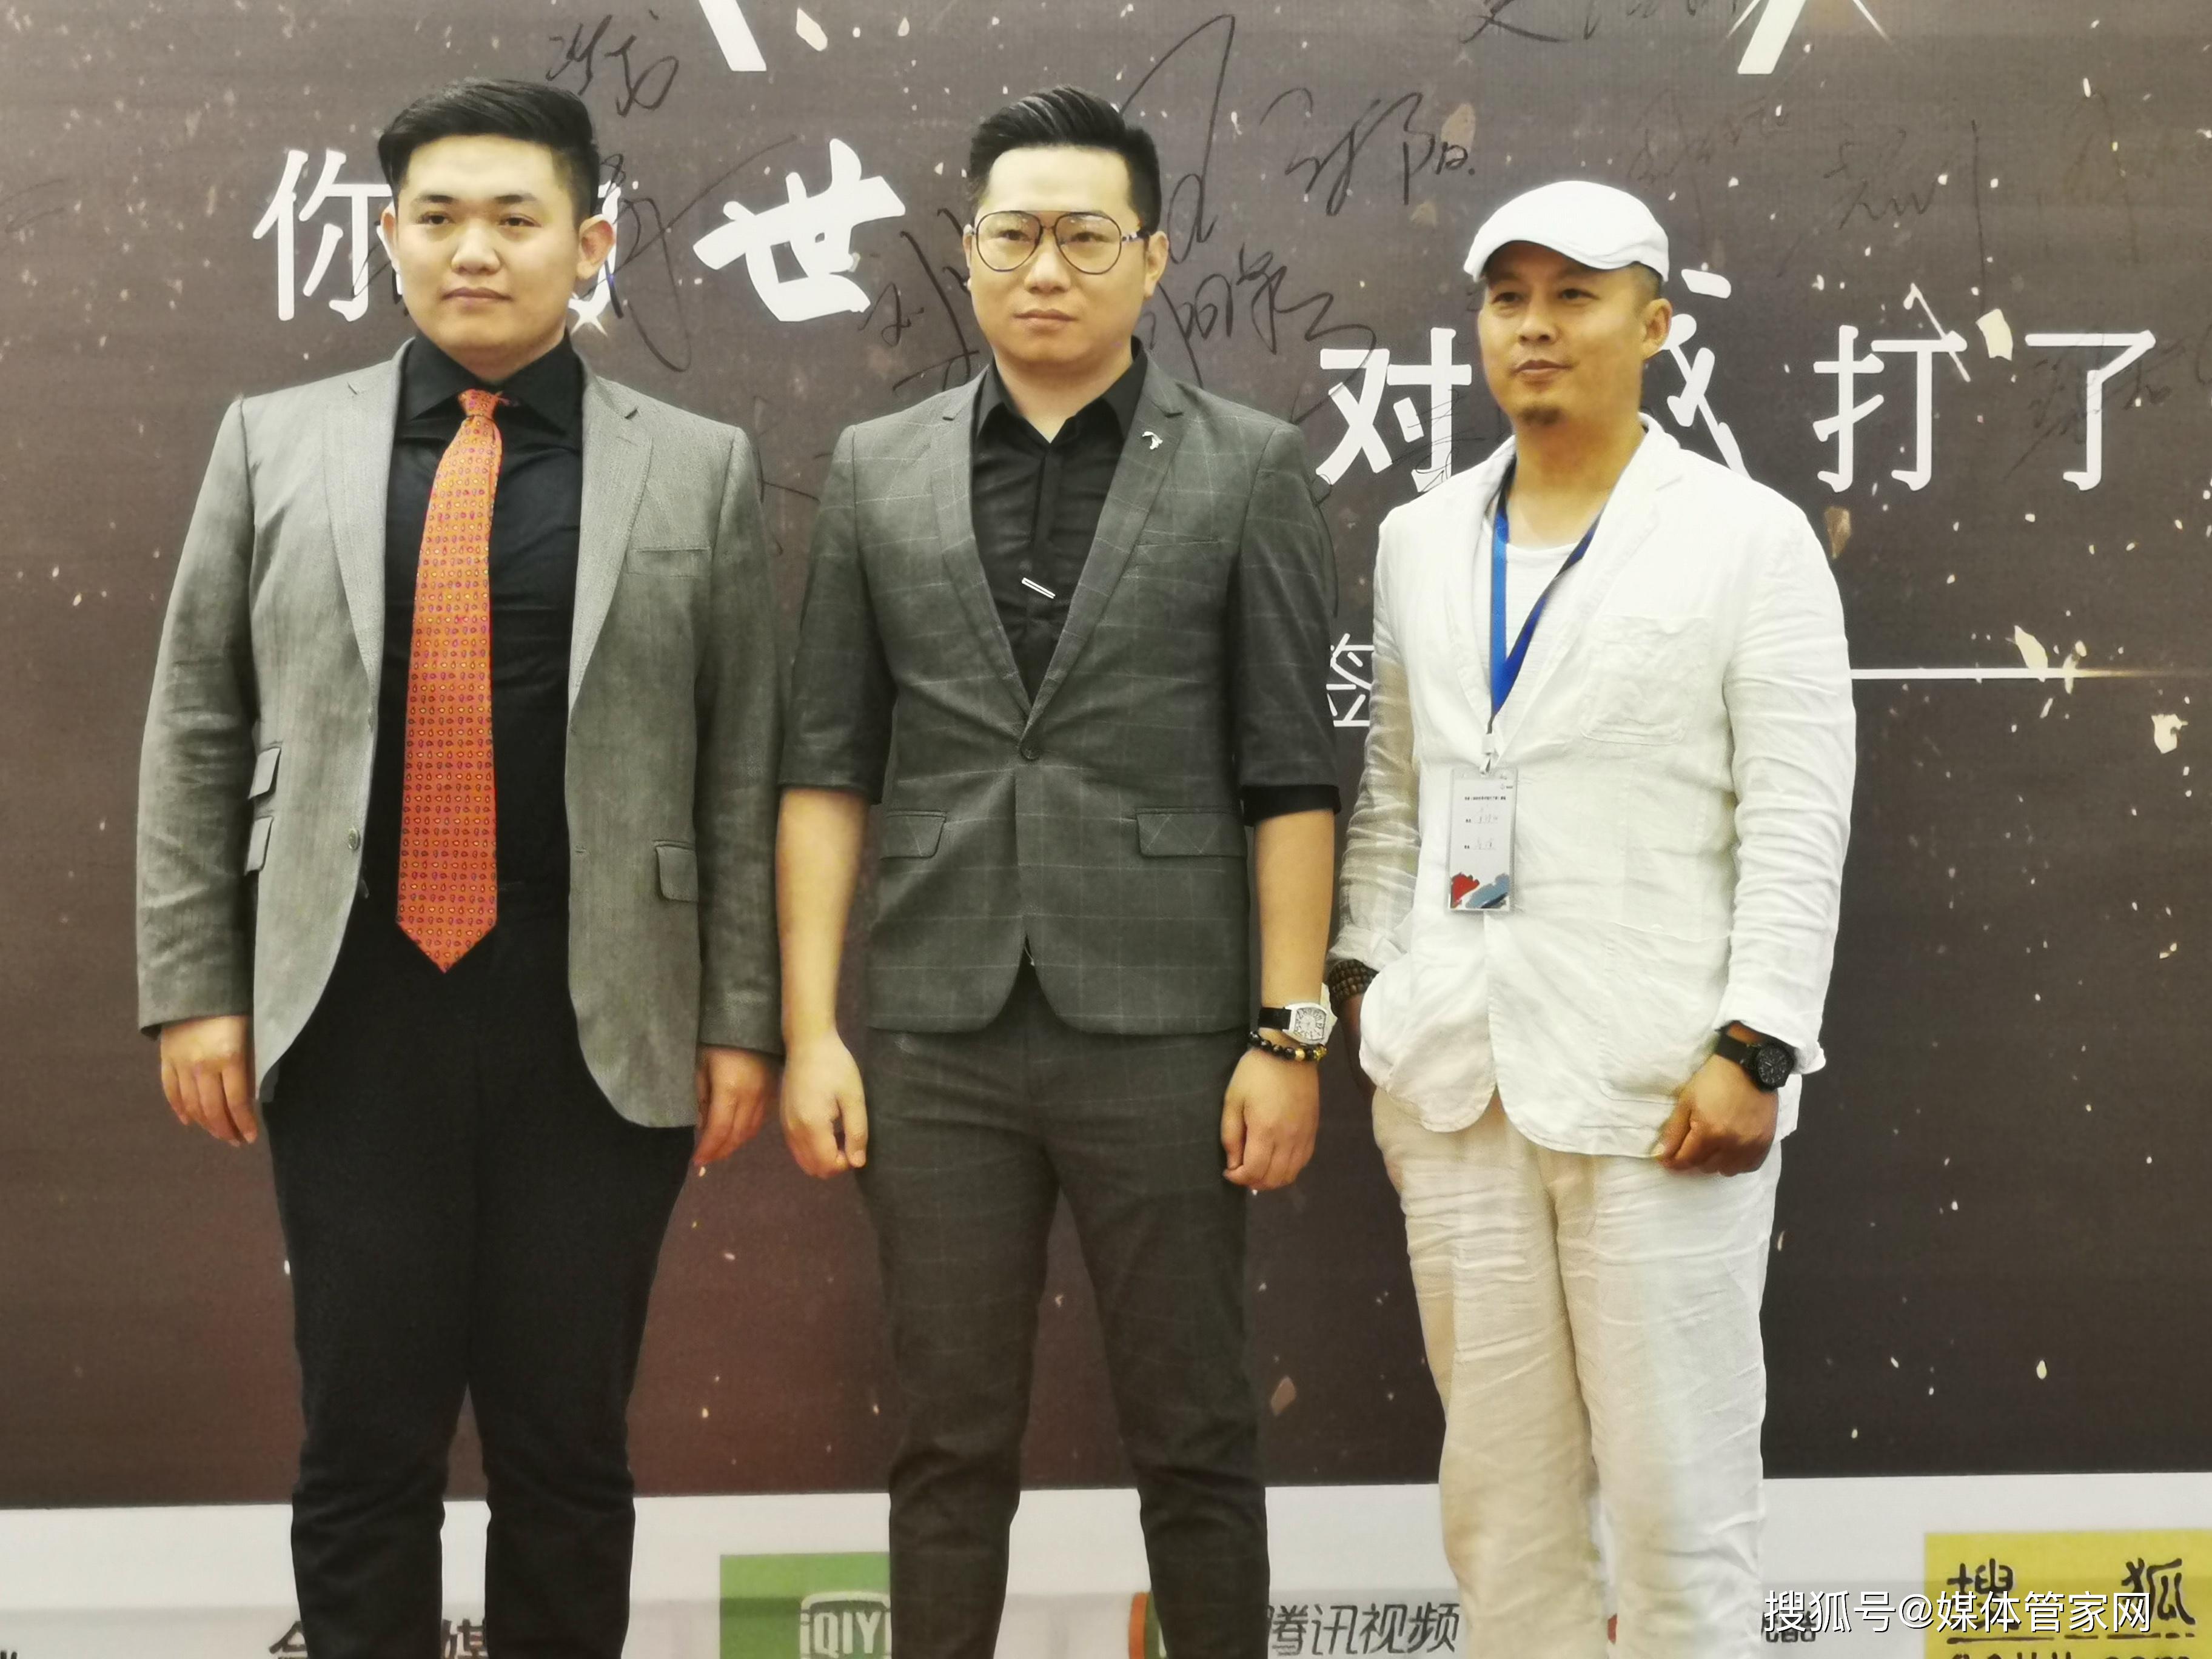 电影《我的世界对你打了烊》启动仪式新闻发布会在南京举行